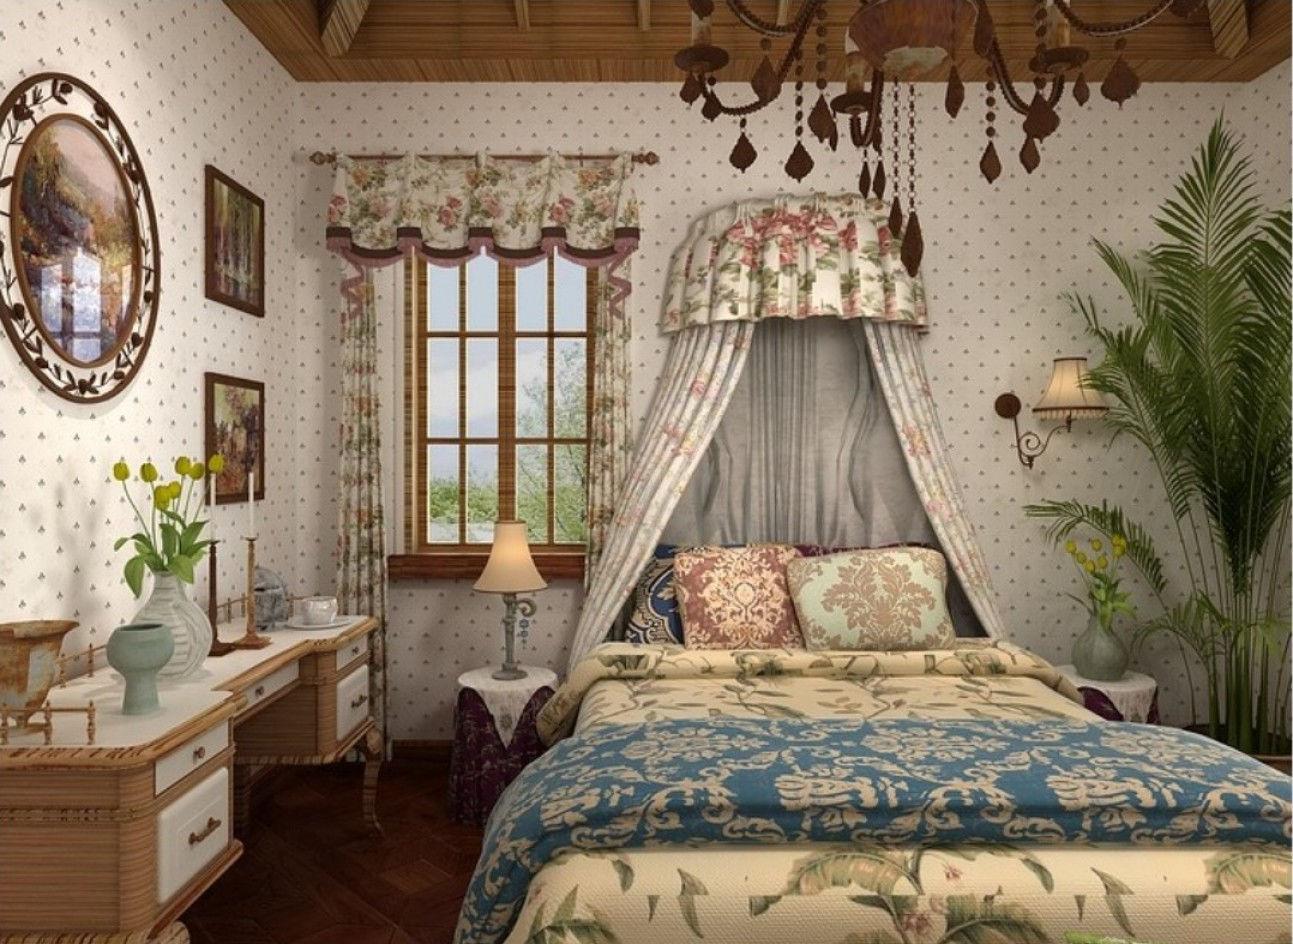 Для спальни в стиле кантри характерна кровать с пологом